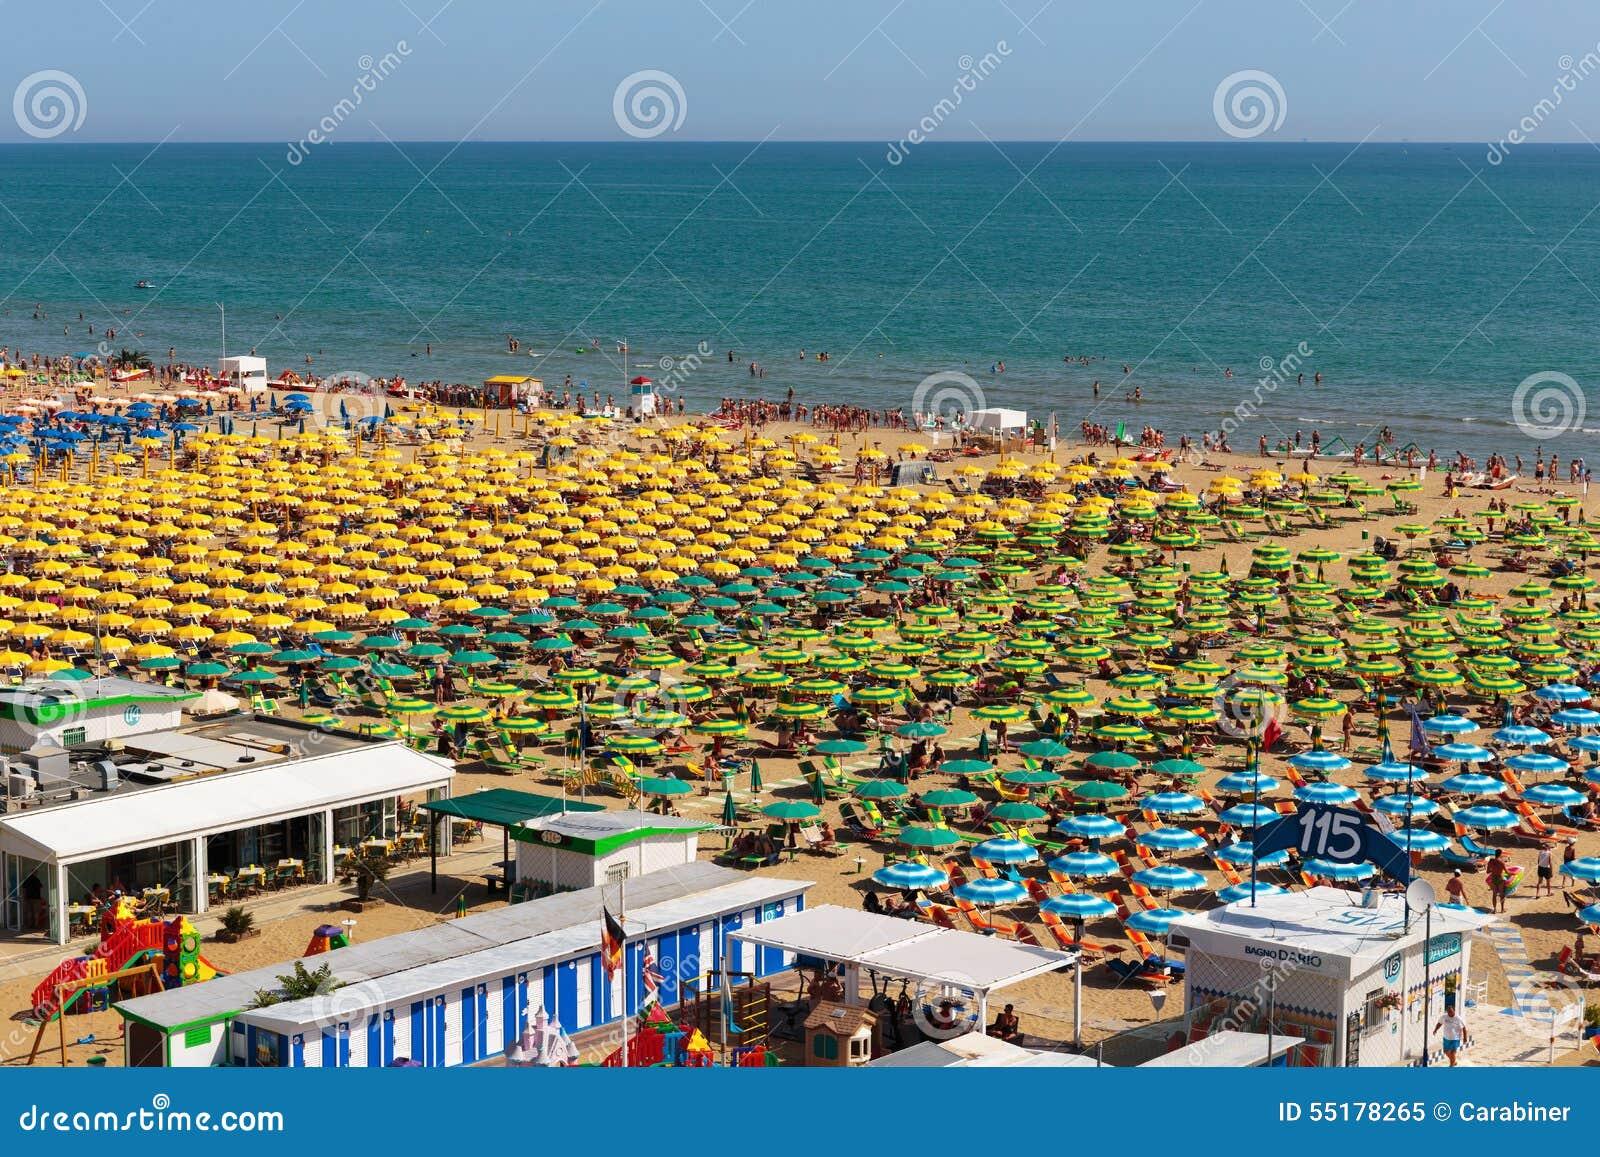 Ville publique de plage sur la mer m diterran e rimini for Conception piscine publique